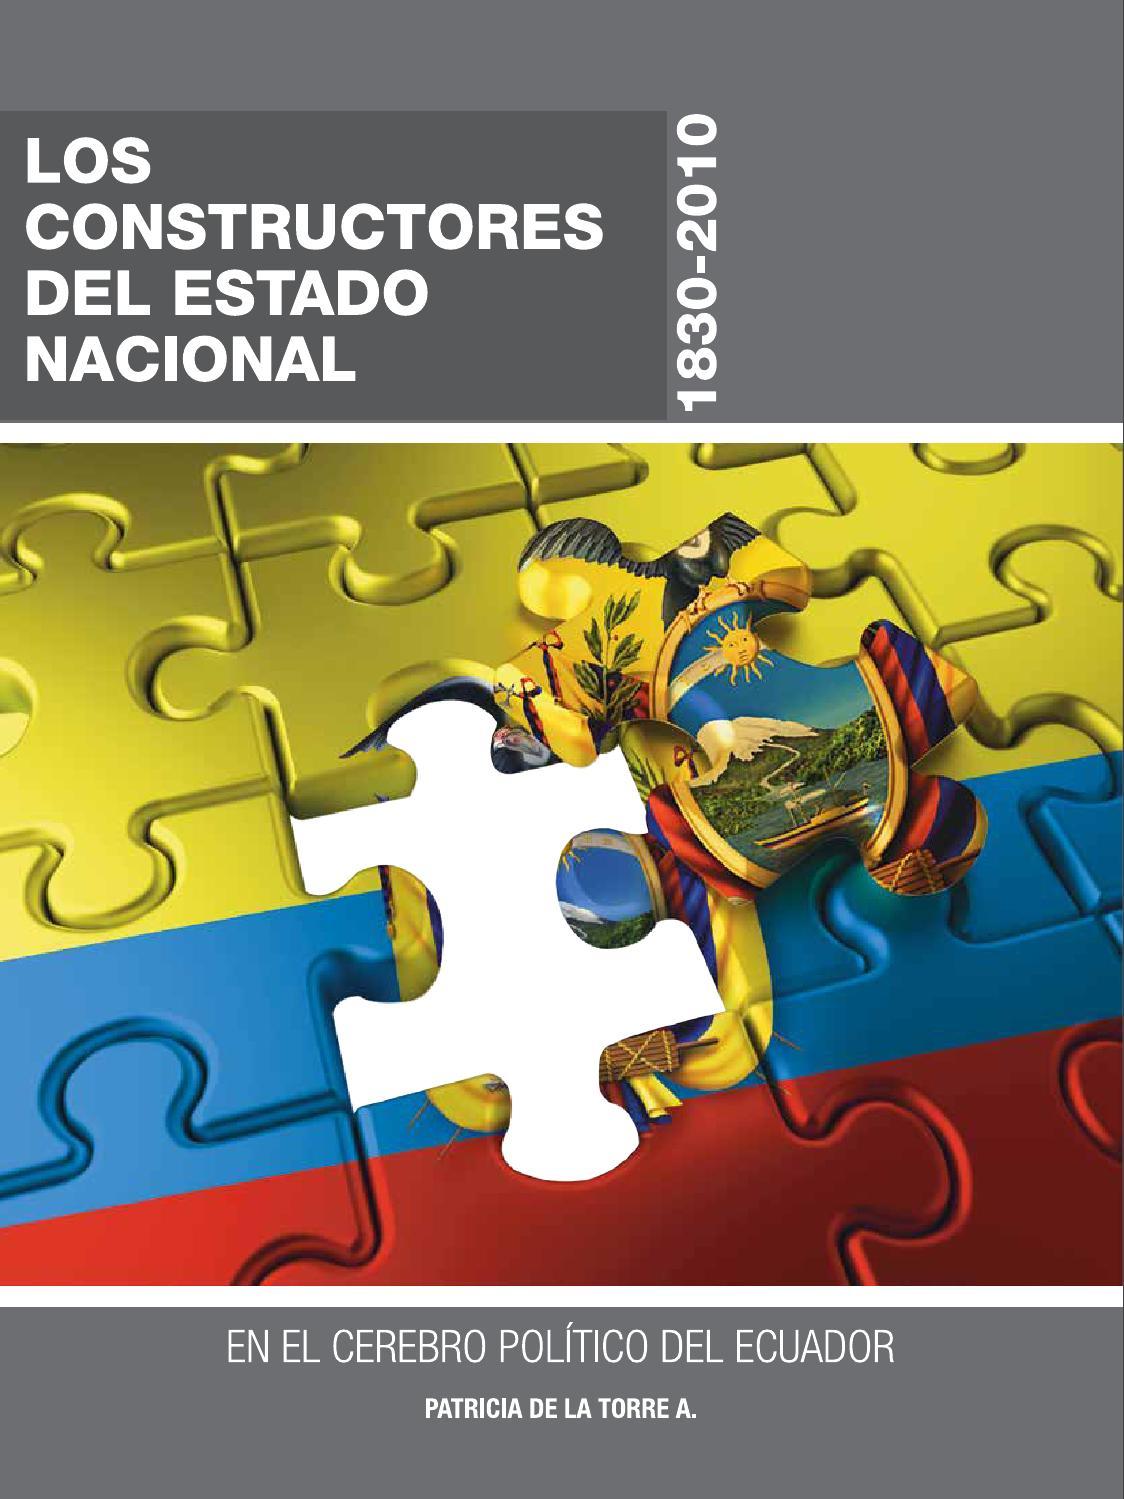 Los constructores del Estado Nacional by Senplades - issuu